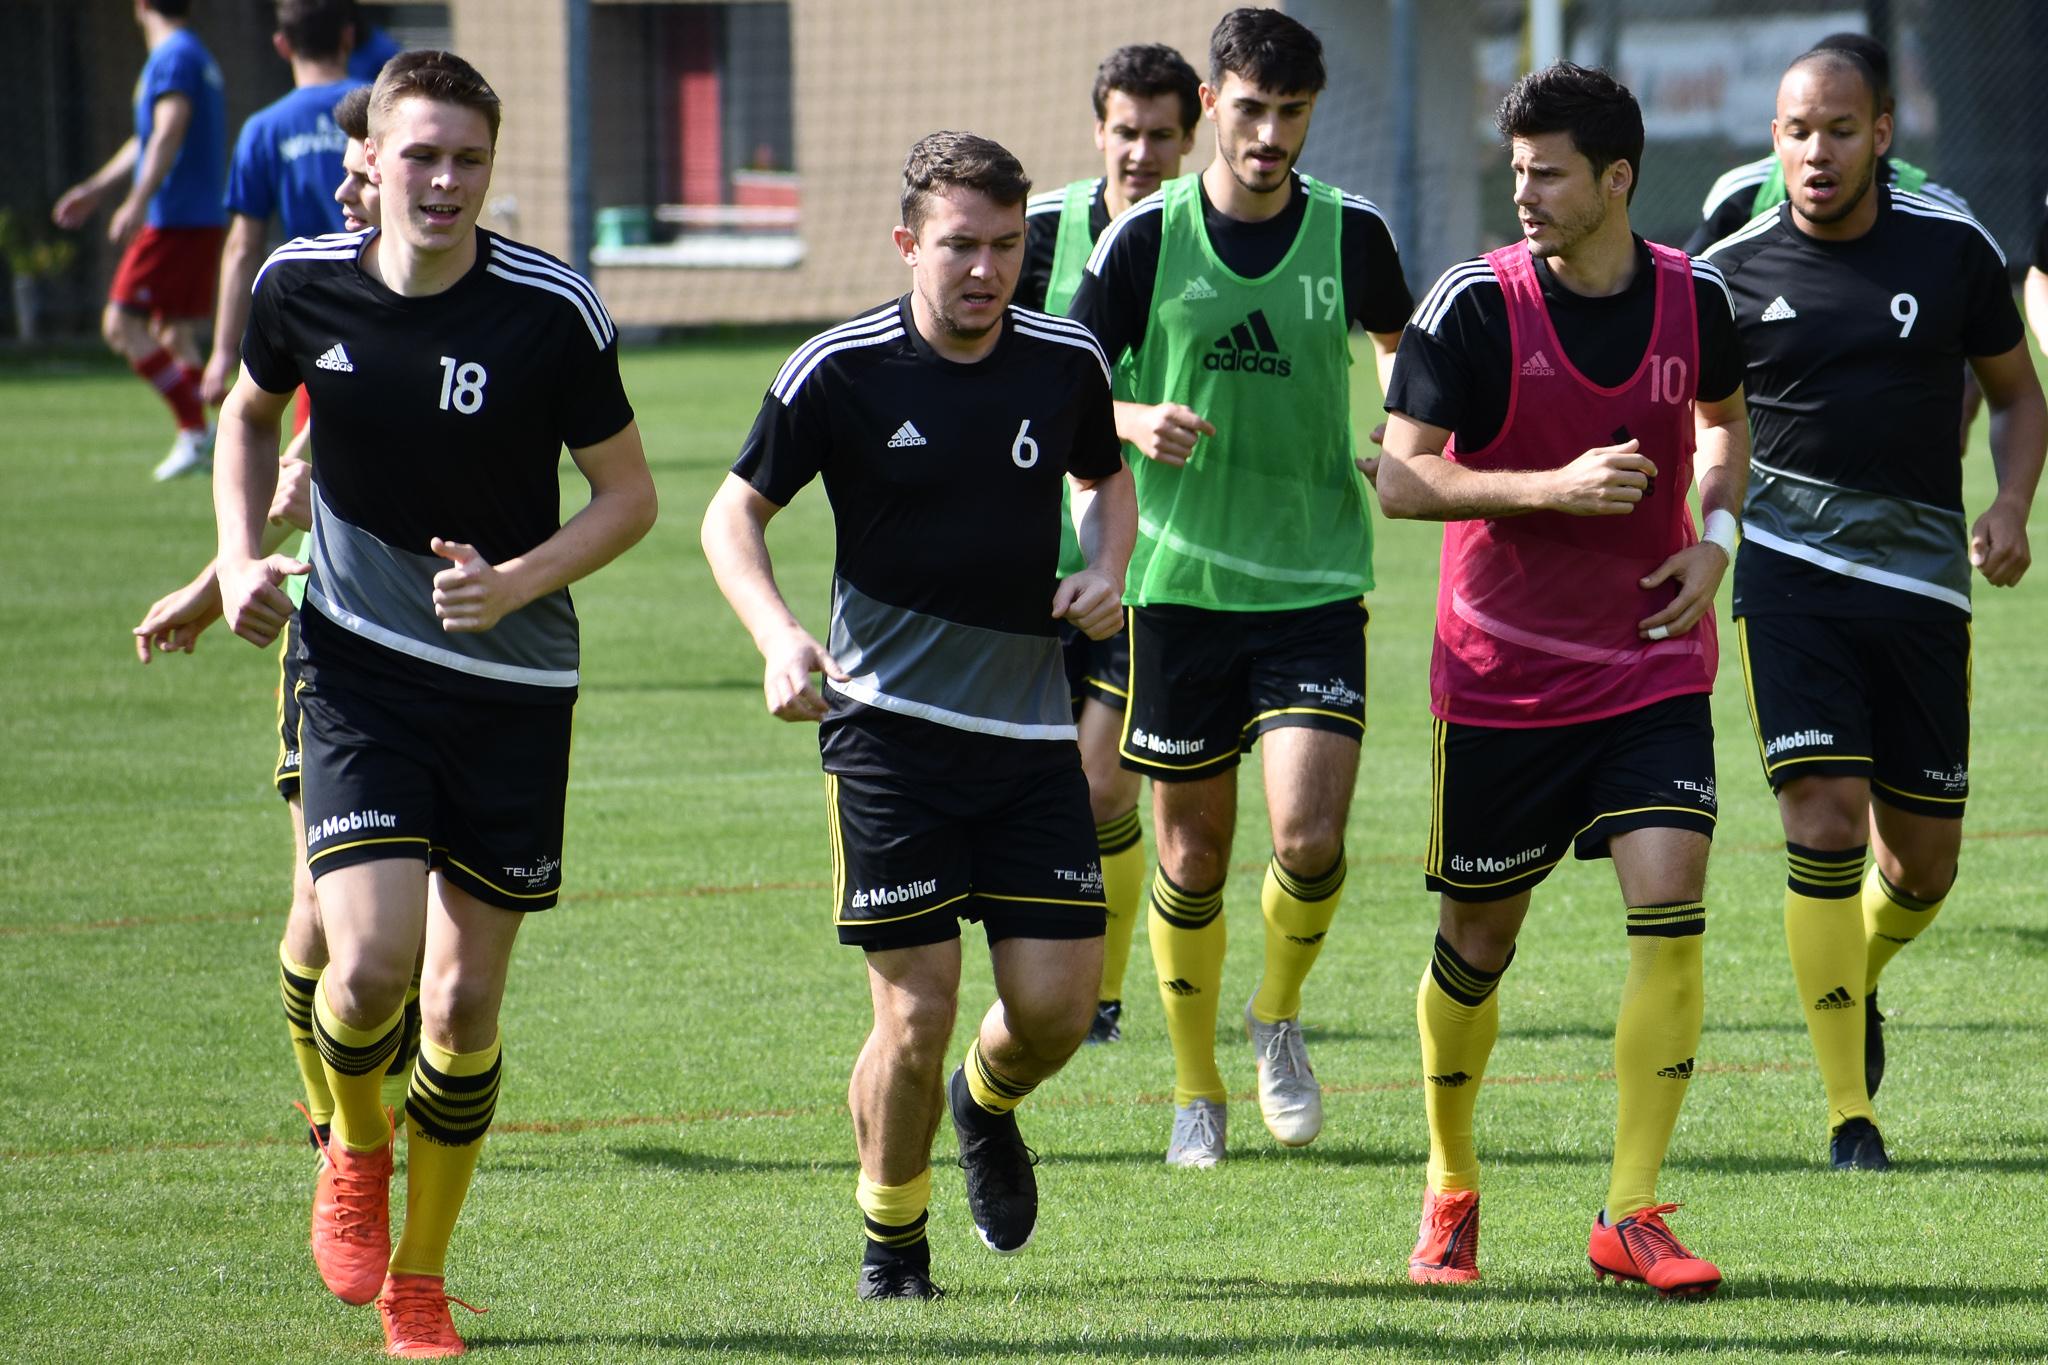 Die Vorbereitung ist abgeschlossen, Altdorfs Spieler stehen vor dem Saisonstart.  Foto: Ronny Arnold